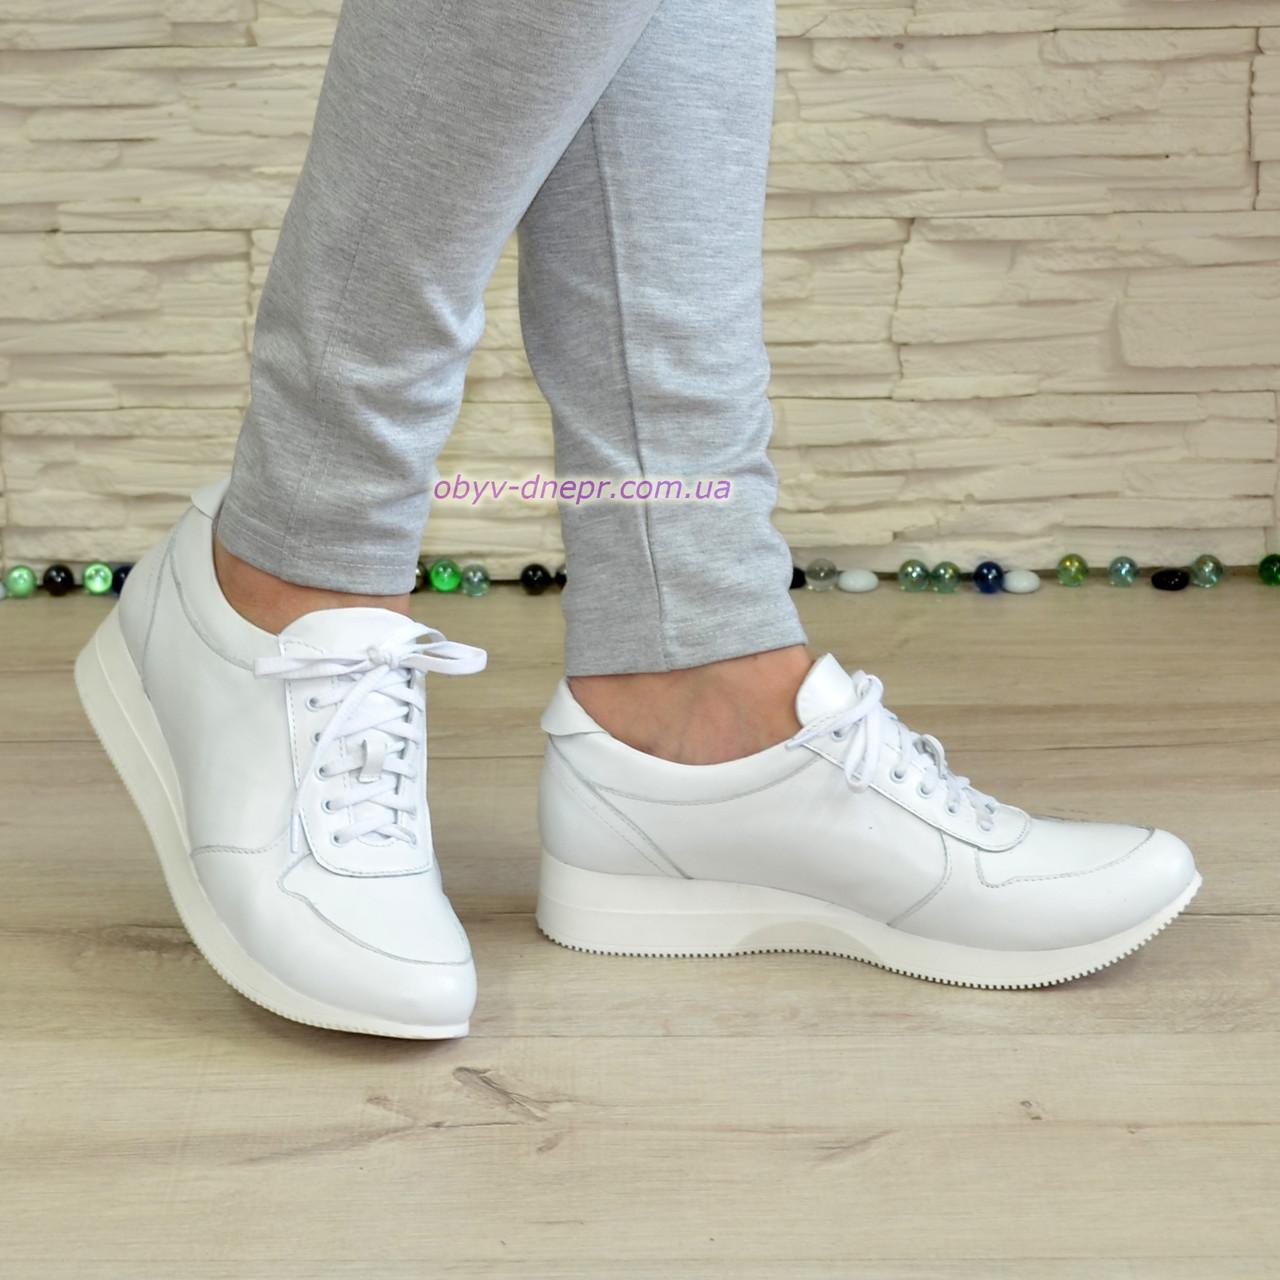 Стильные кожаные кроссовки женские на шнуровке, цвет белый  продажа ... 8f8299e8721